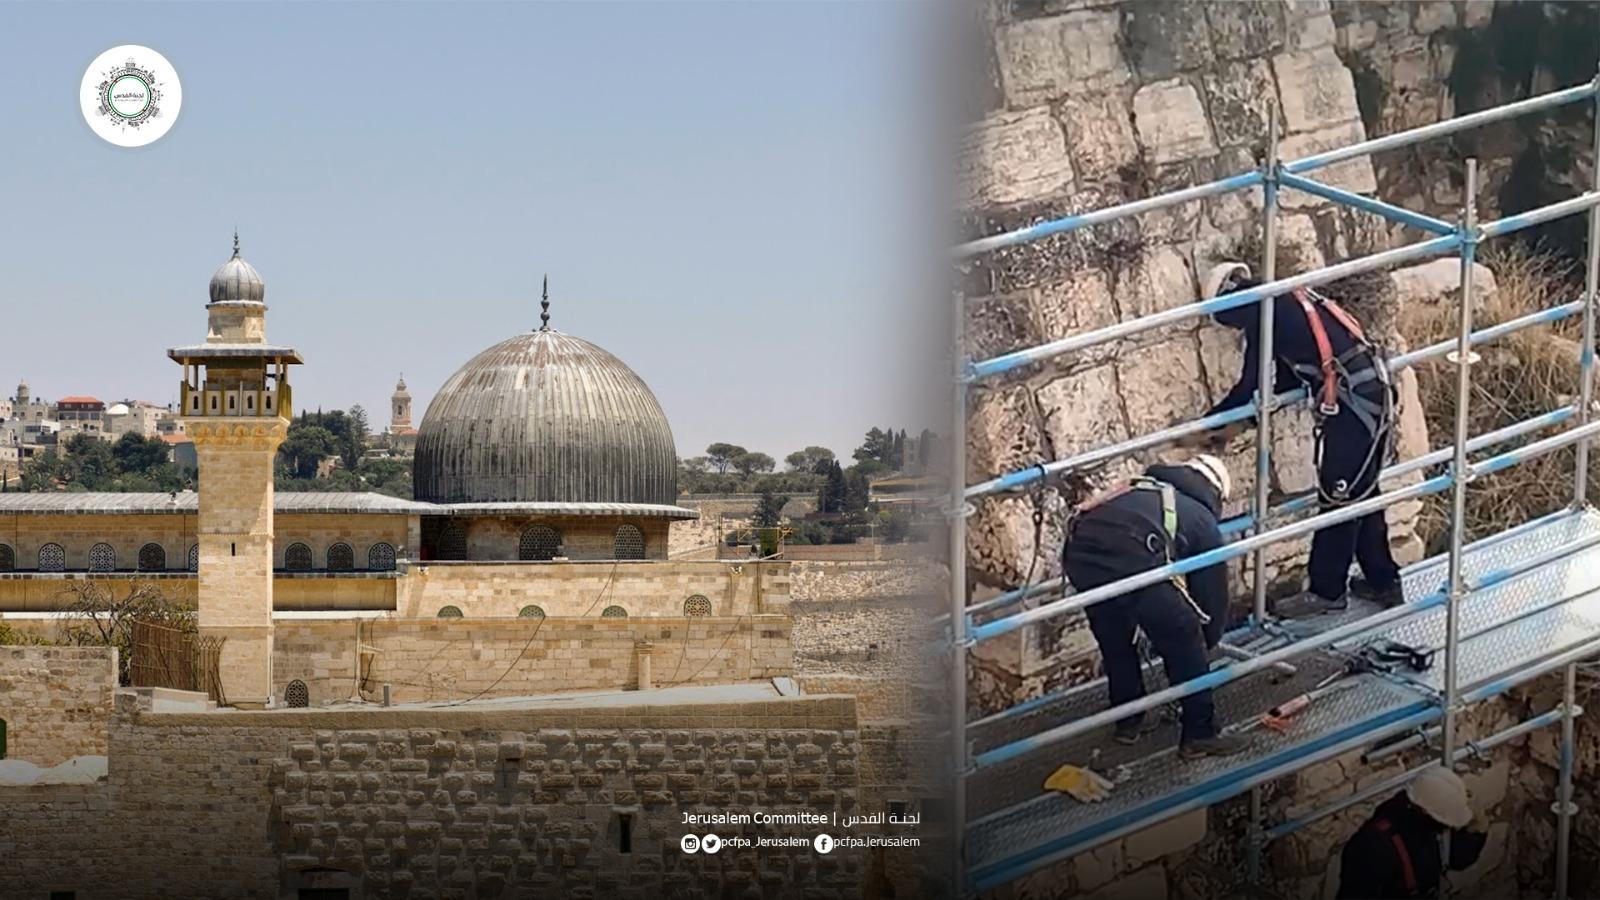 Photo of لجنة القدس في المؤتمر الشعبي تطالب بوقف التهويد الإسرائيلي للمسجد الأقصى